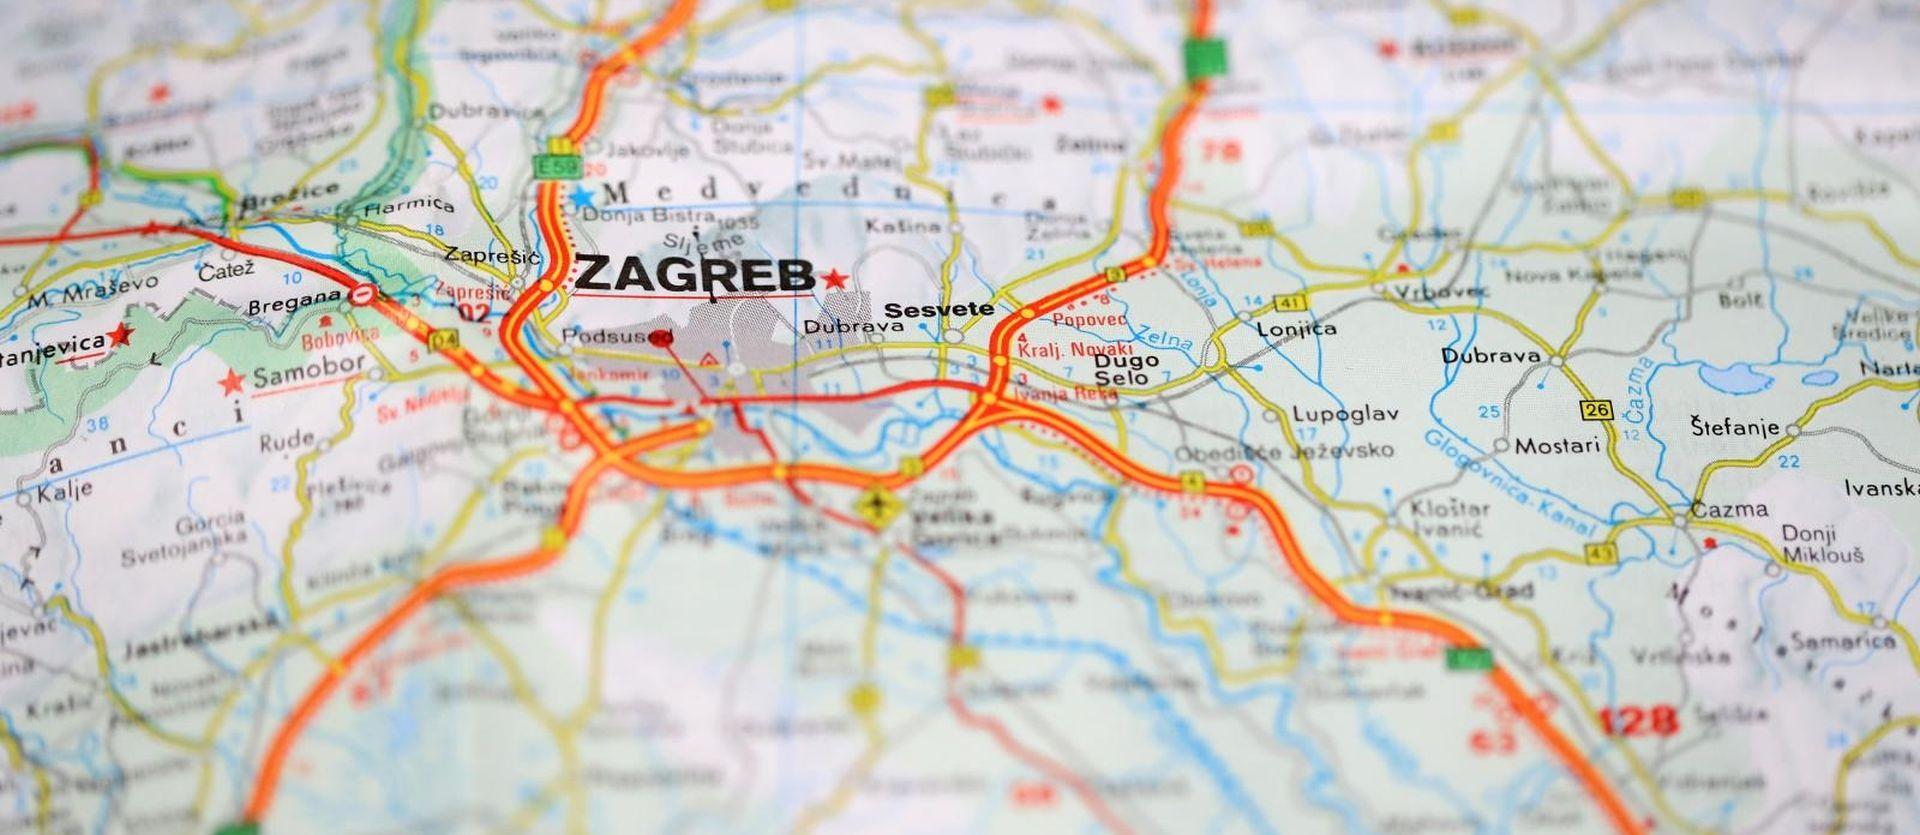 Agencija Kompas Zagreb u problemima, otkazuju putovanja